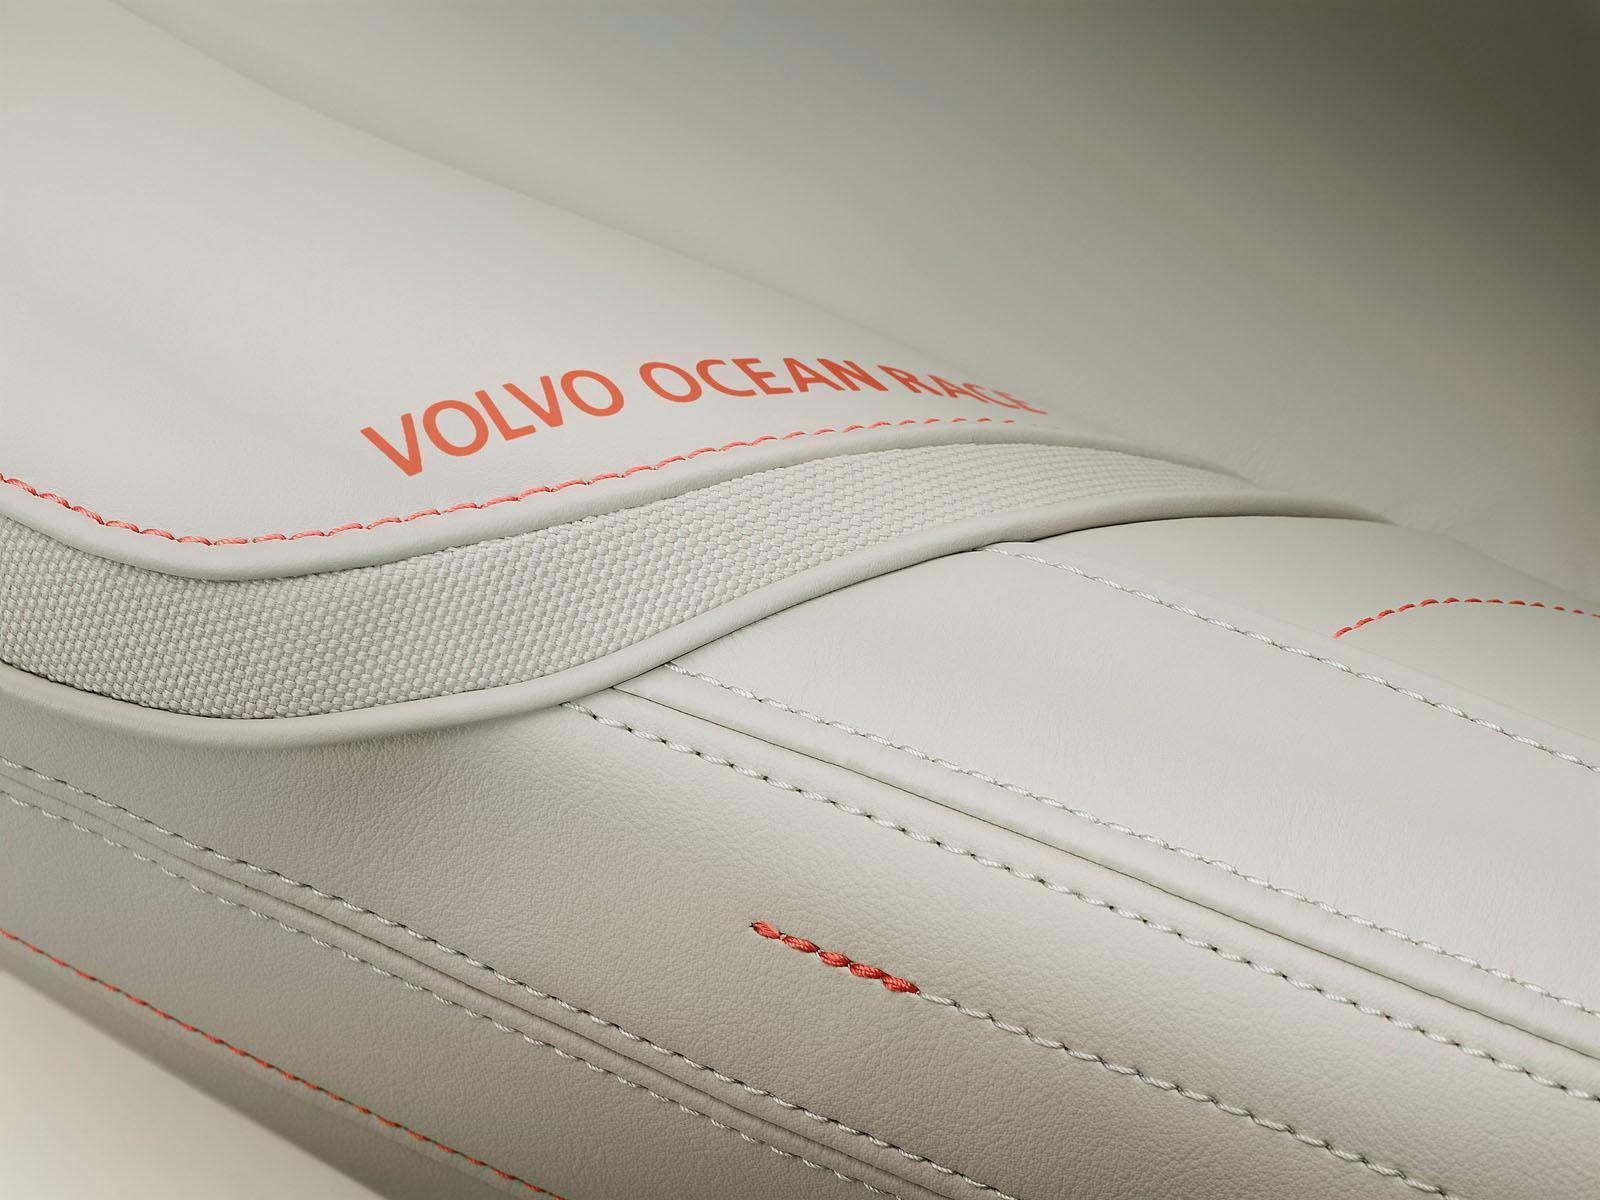 Foto de Volvo Ocean Race Editions (21/23)